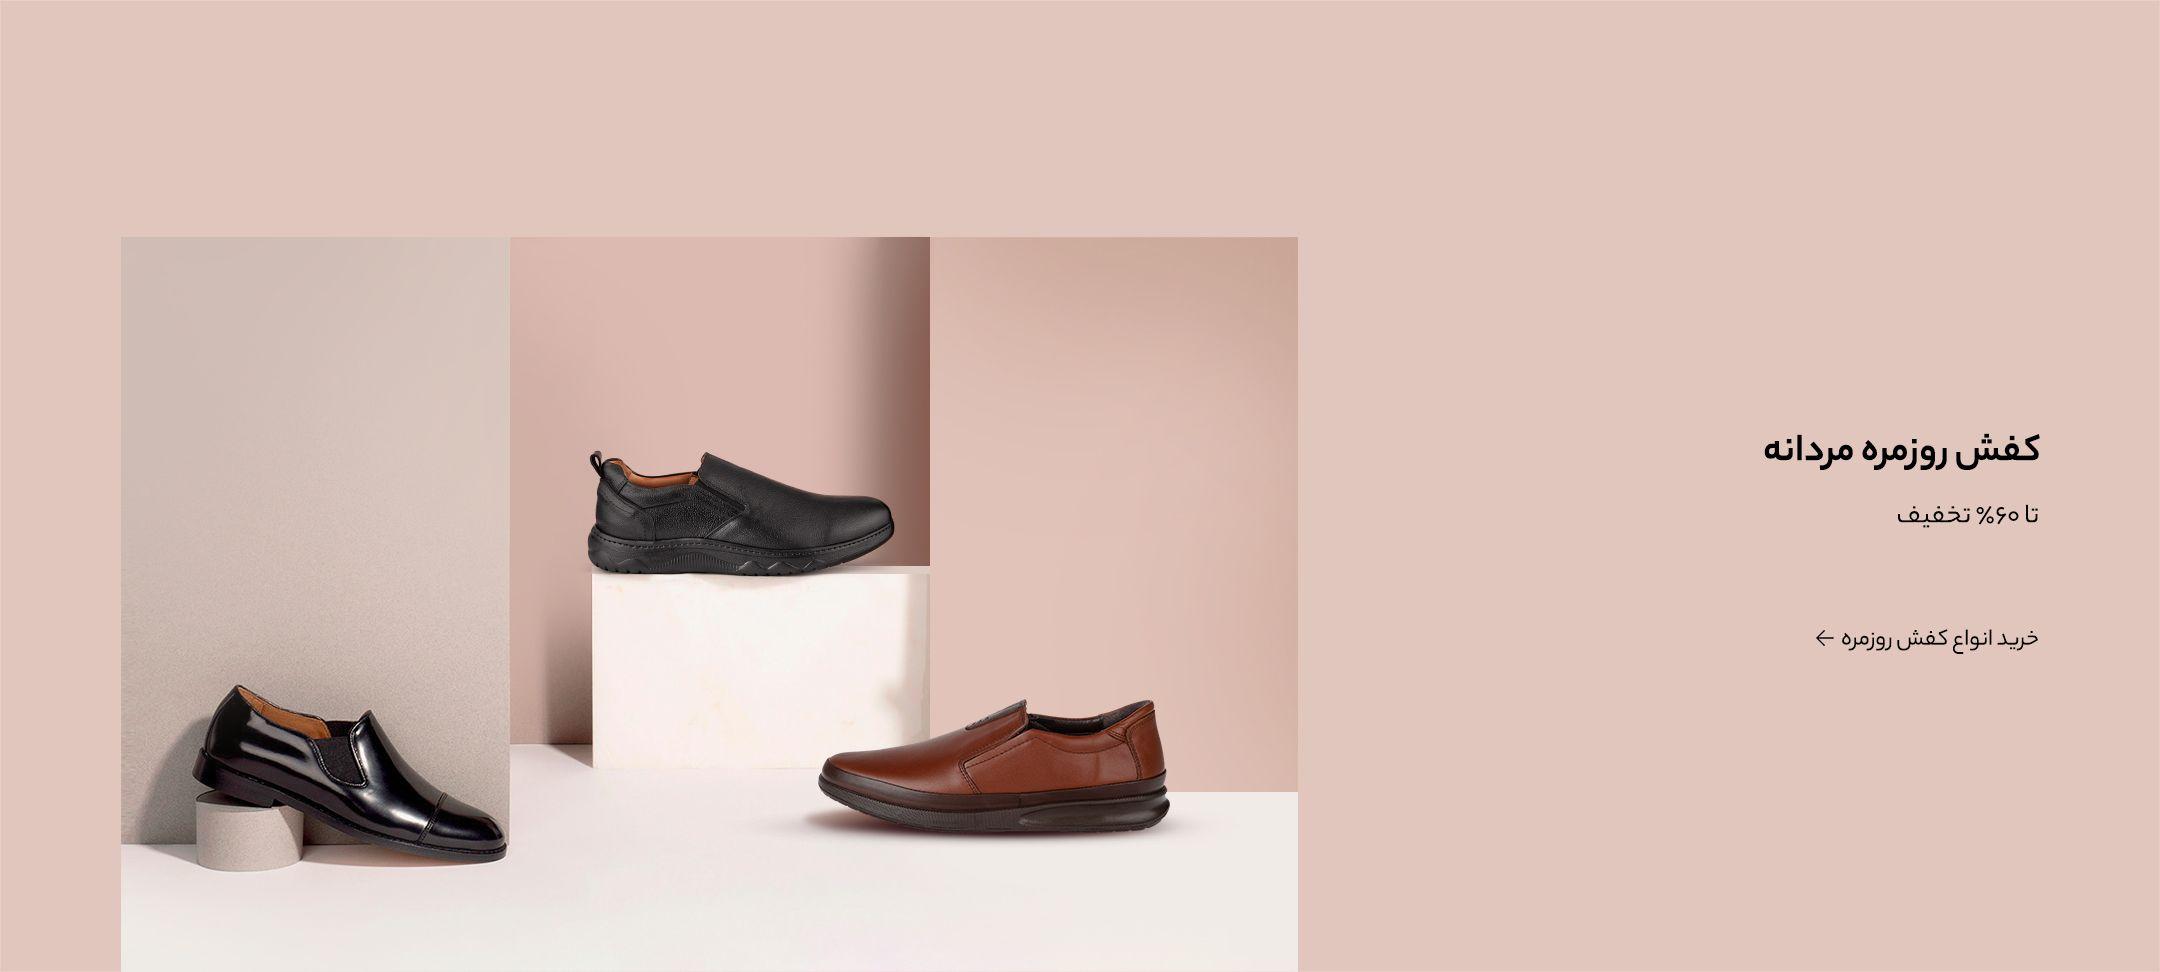 کفش های روزمره مردانه